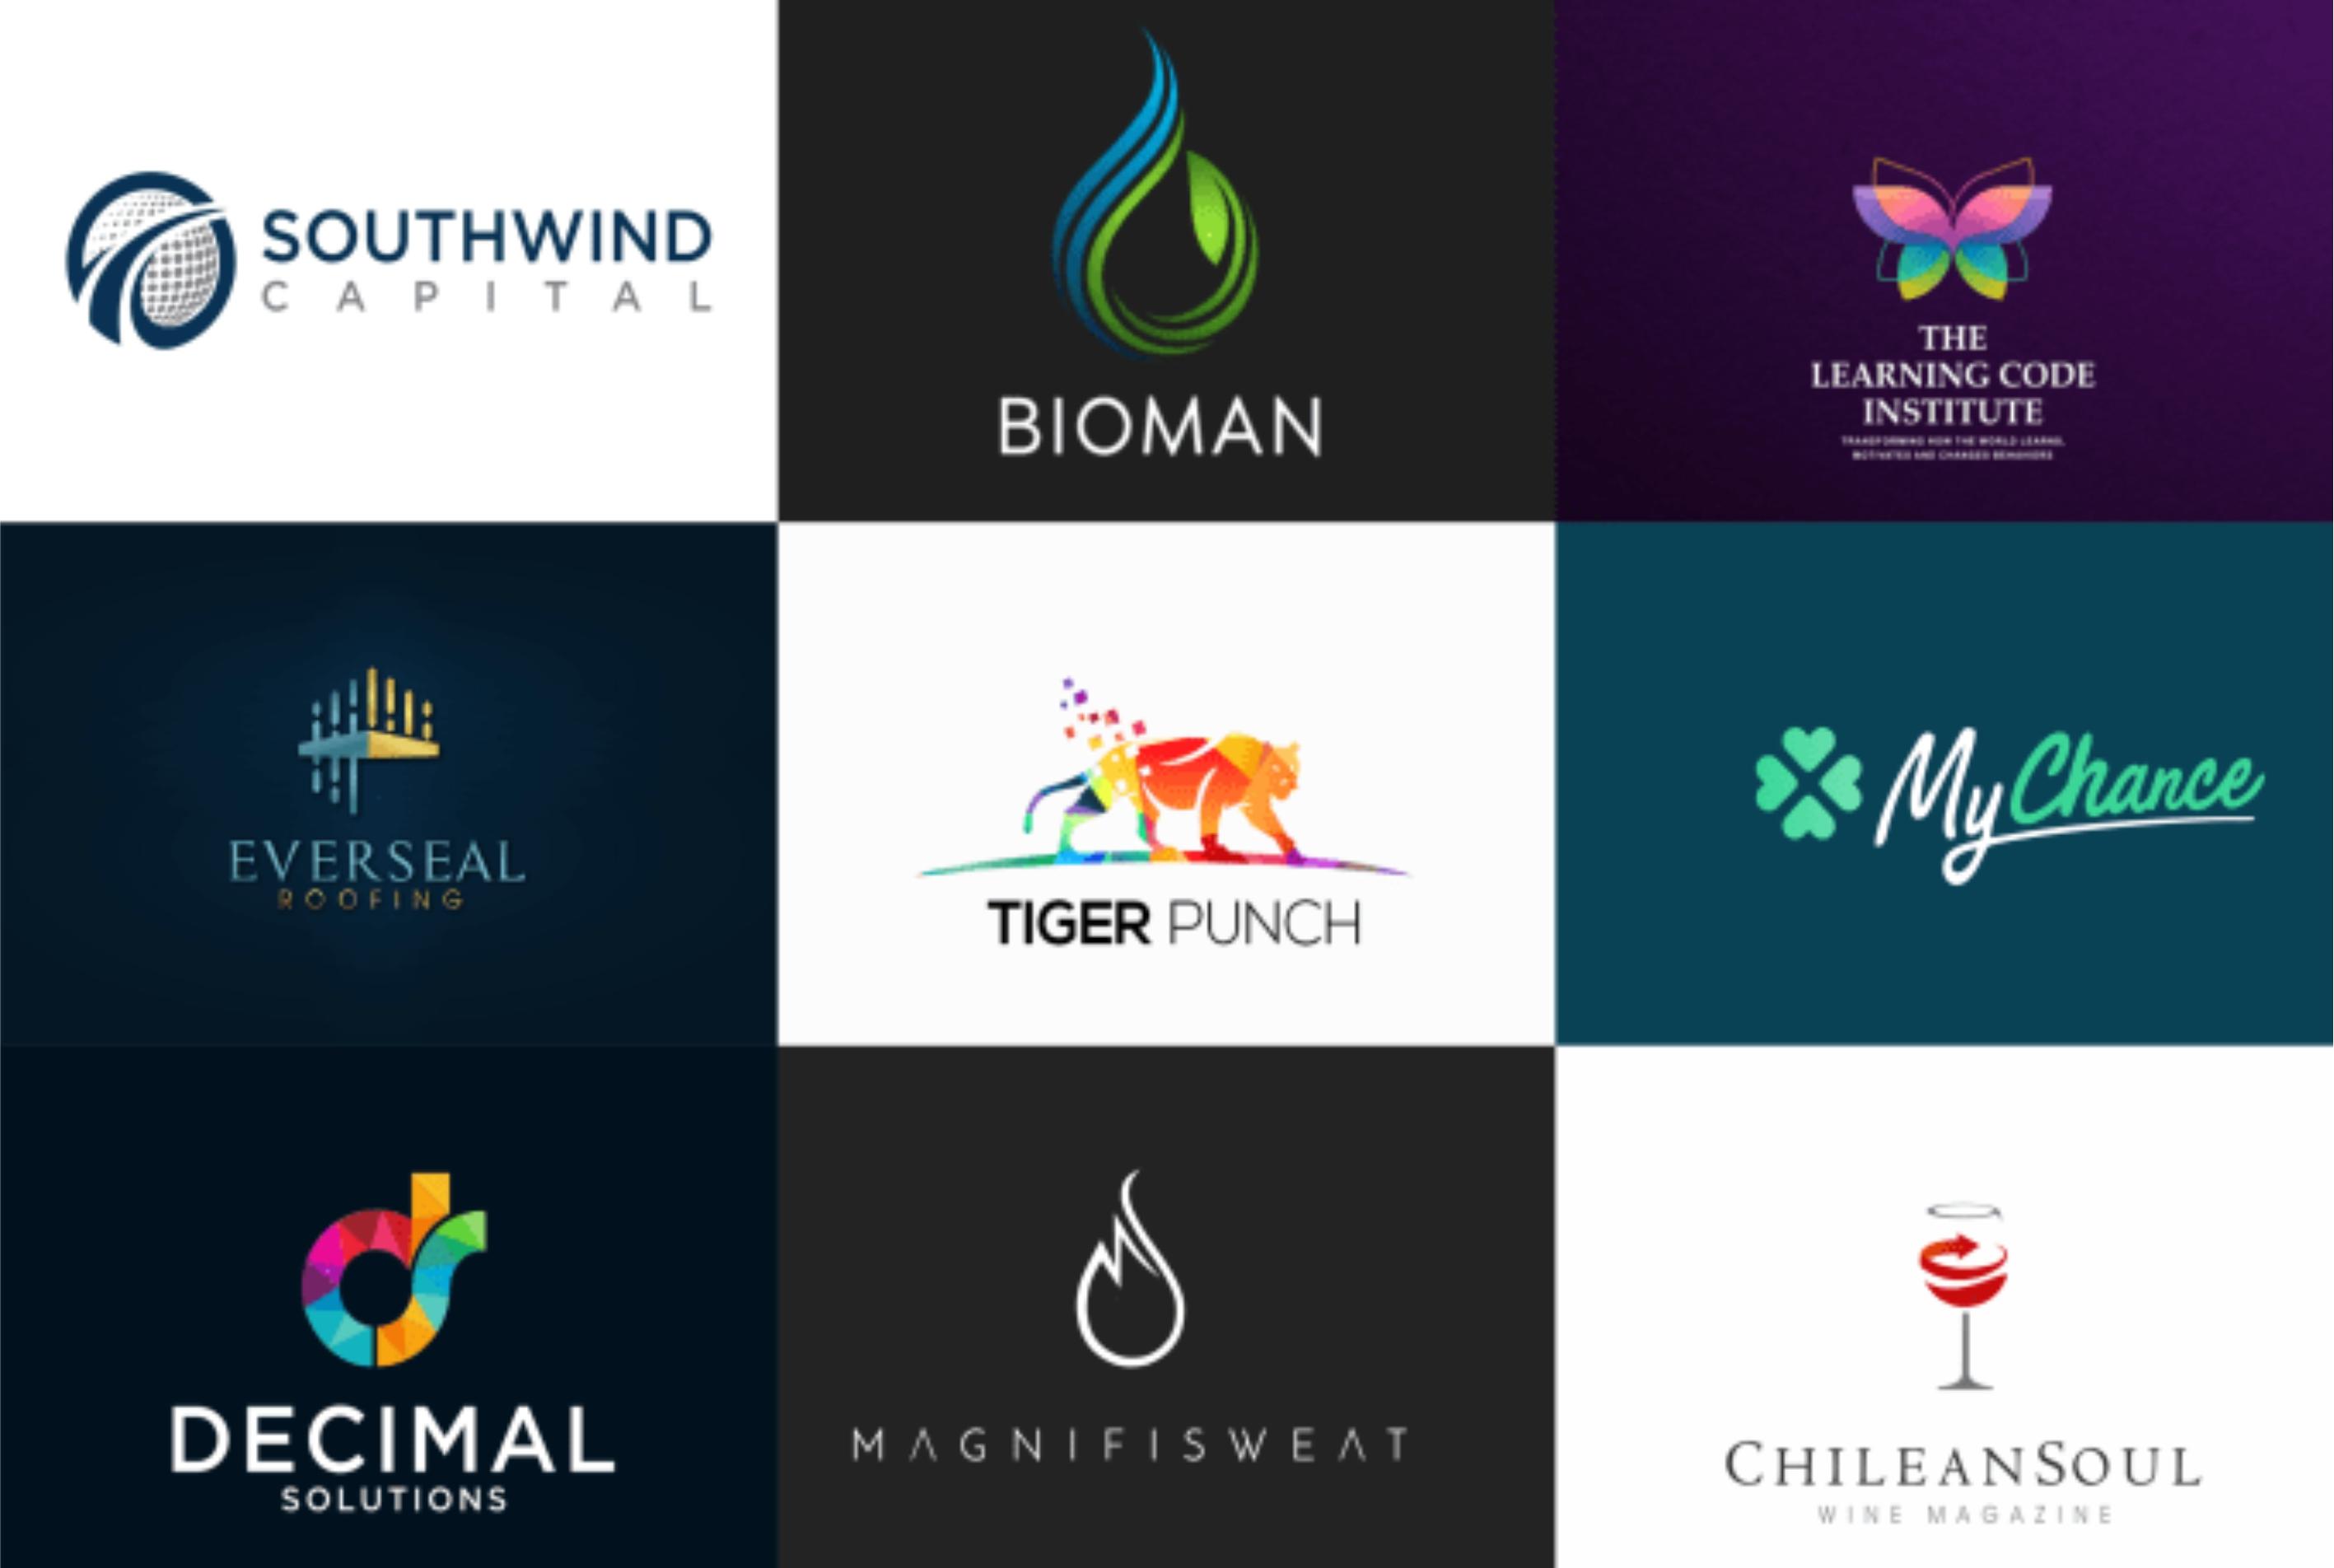 design flat minimalist logo and favicon